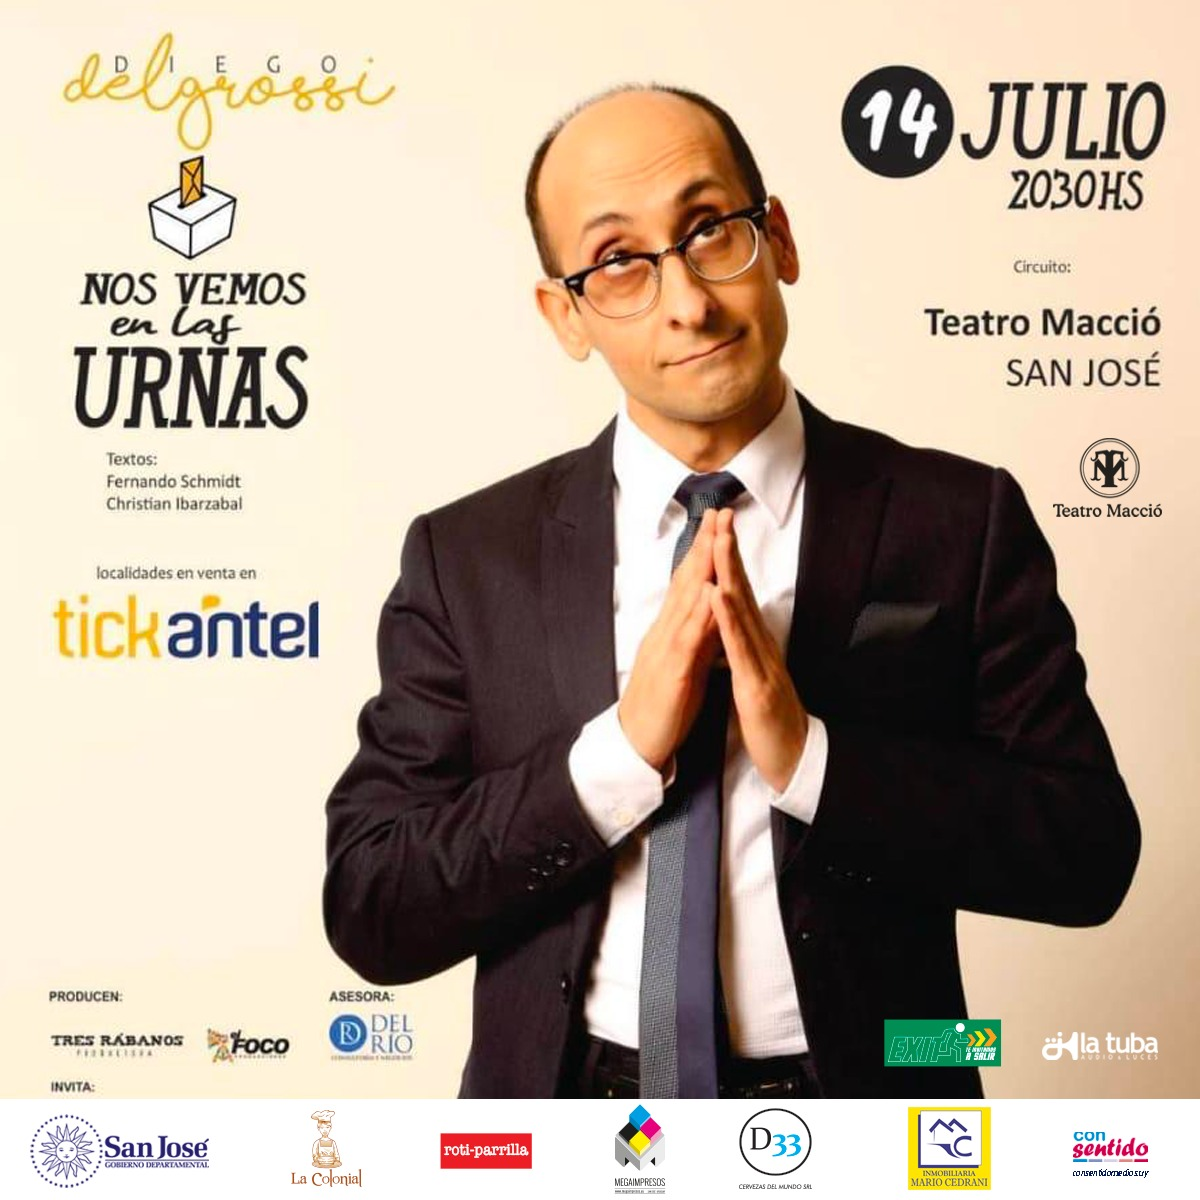 Mañana domingo 14 Nos vemos en las urnas con Diego Delgrossi en el Macció